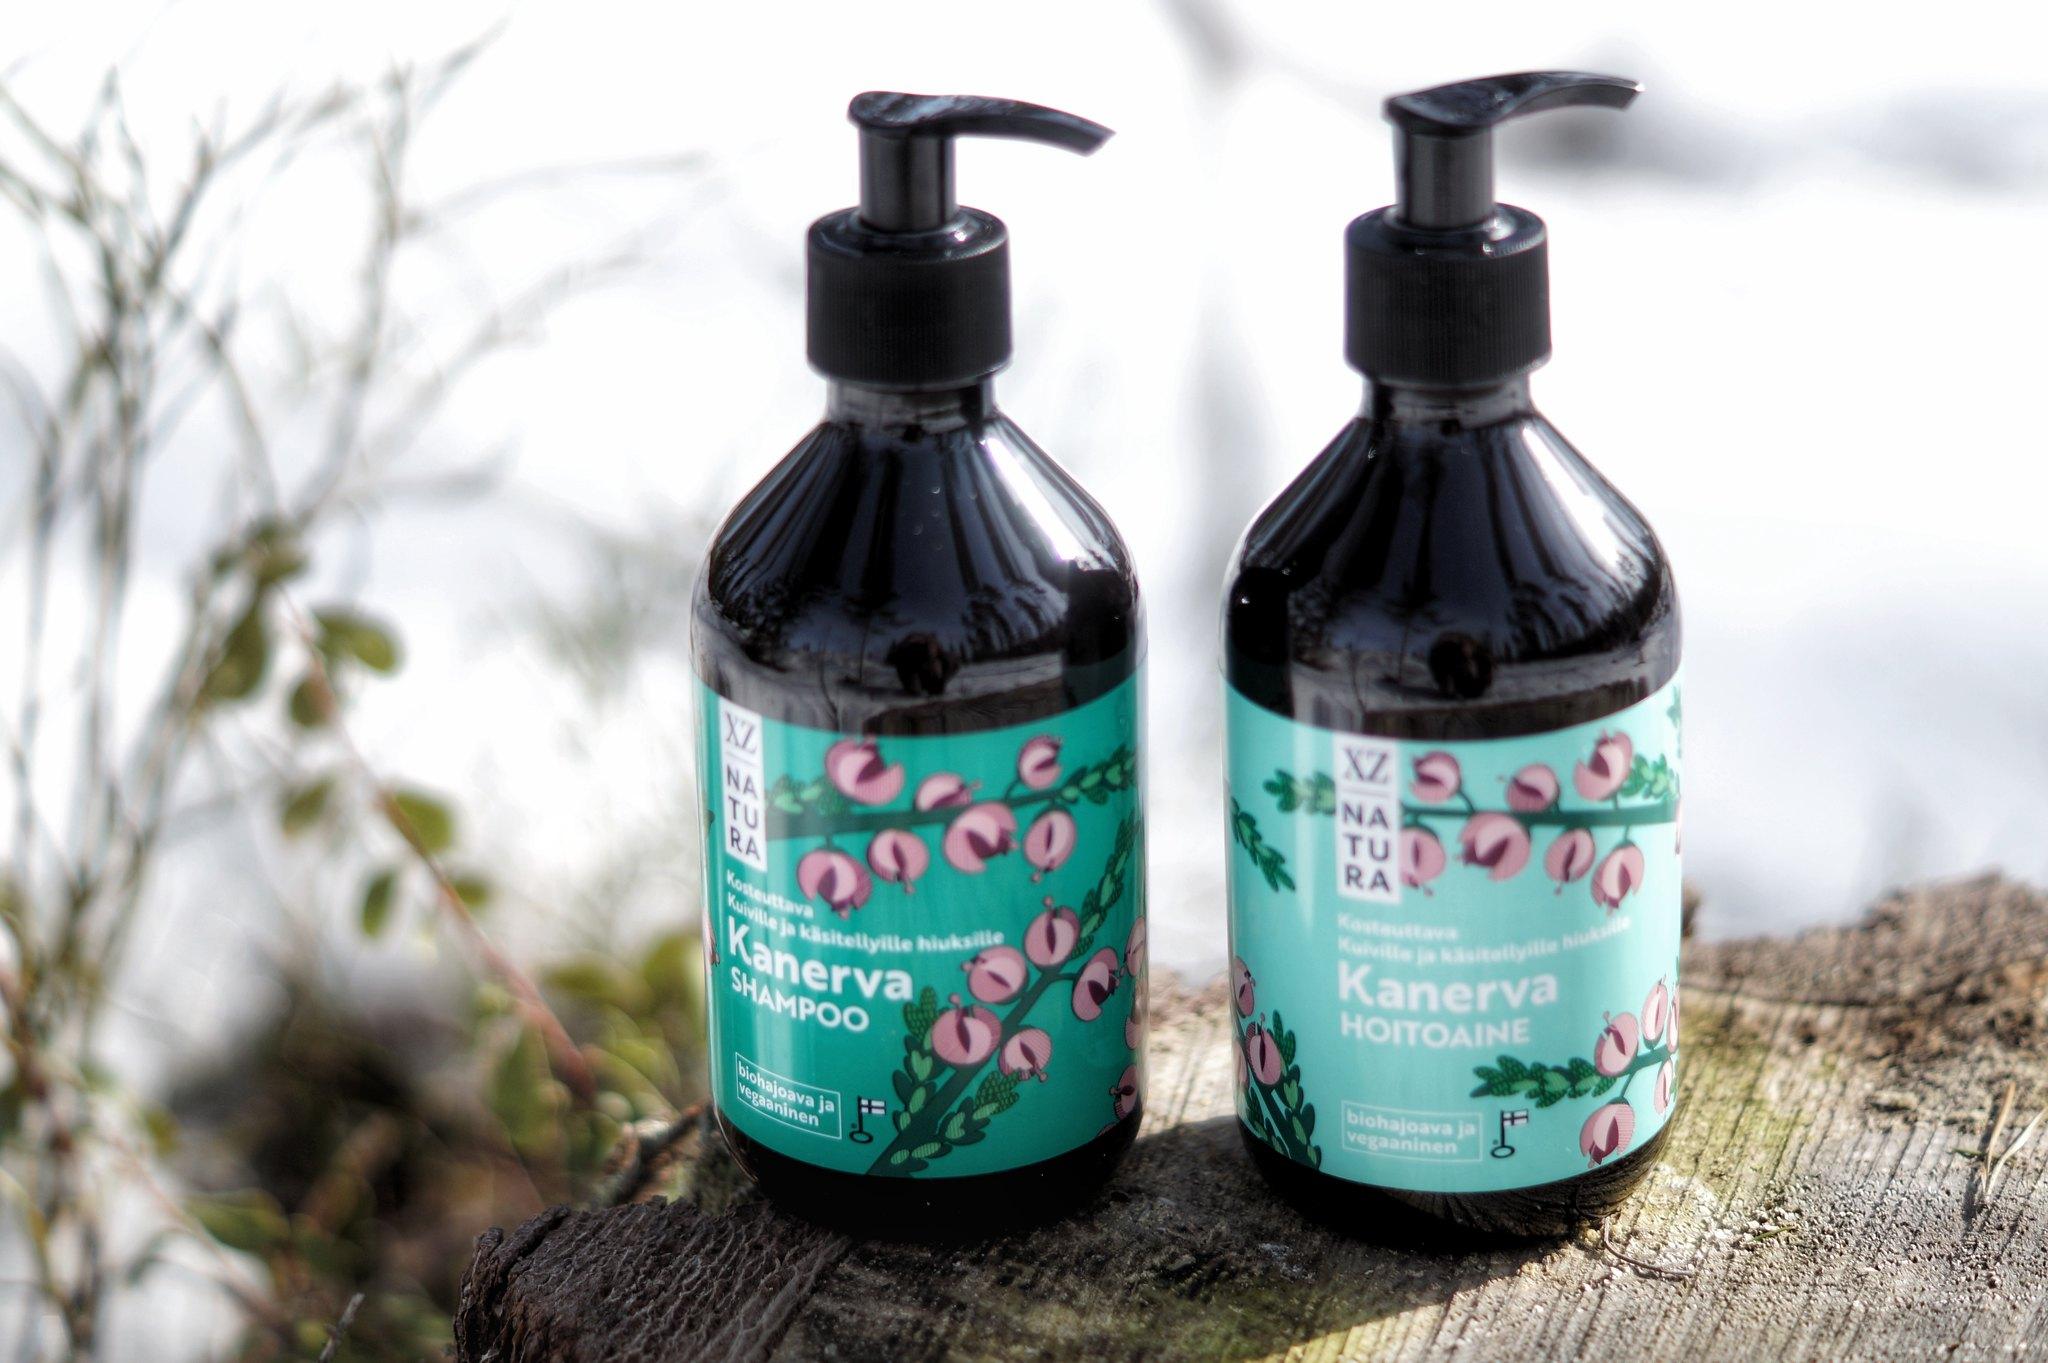 XZ kanerva-shampoo XZ kanerva-hoitoaine